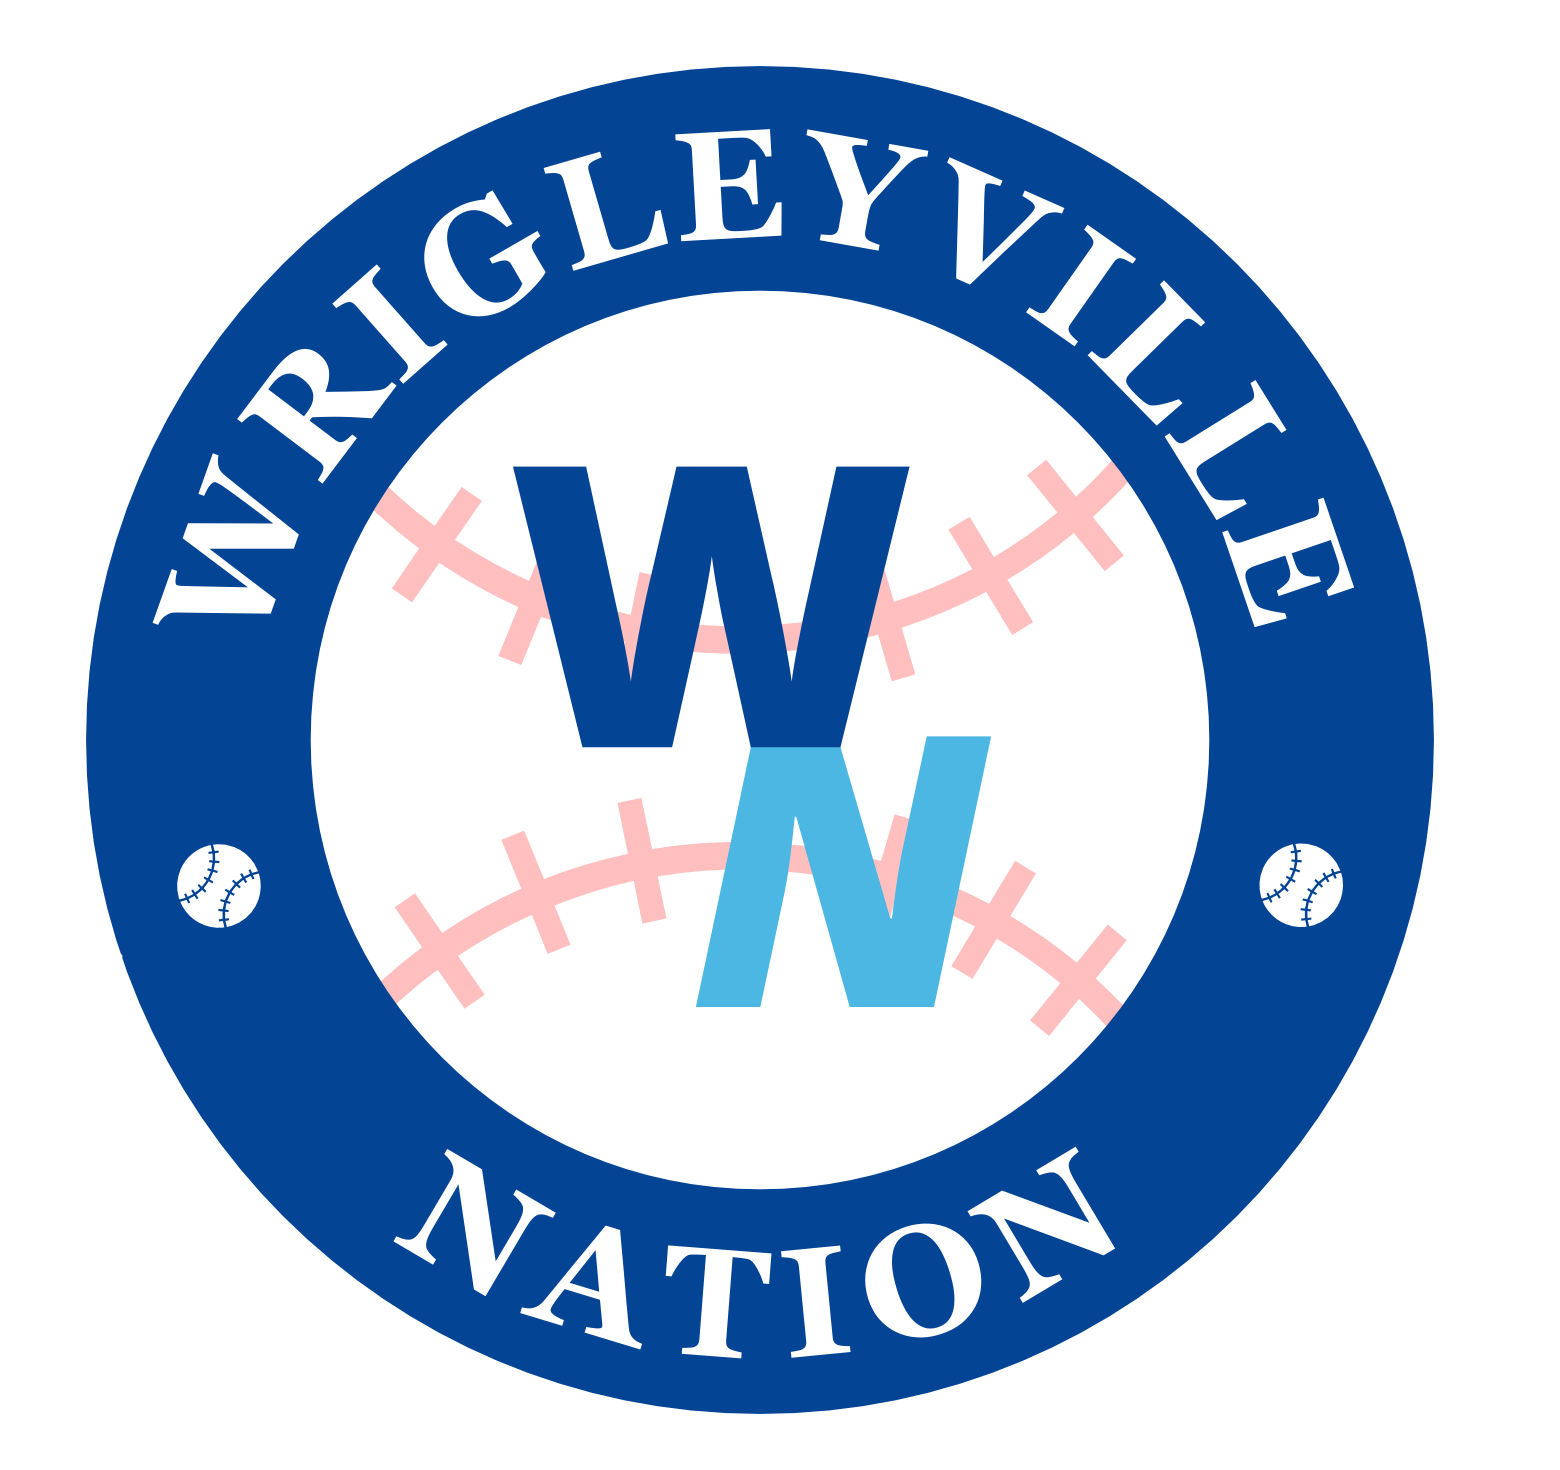 Wrigleyville Nation Ep 265 - Guest: Matt Clapp, Cubs Winning Streak, Schwindel Success, Heyward & Hendricks Struggles, & More show art